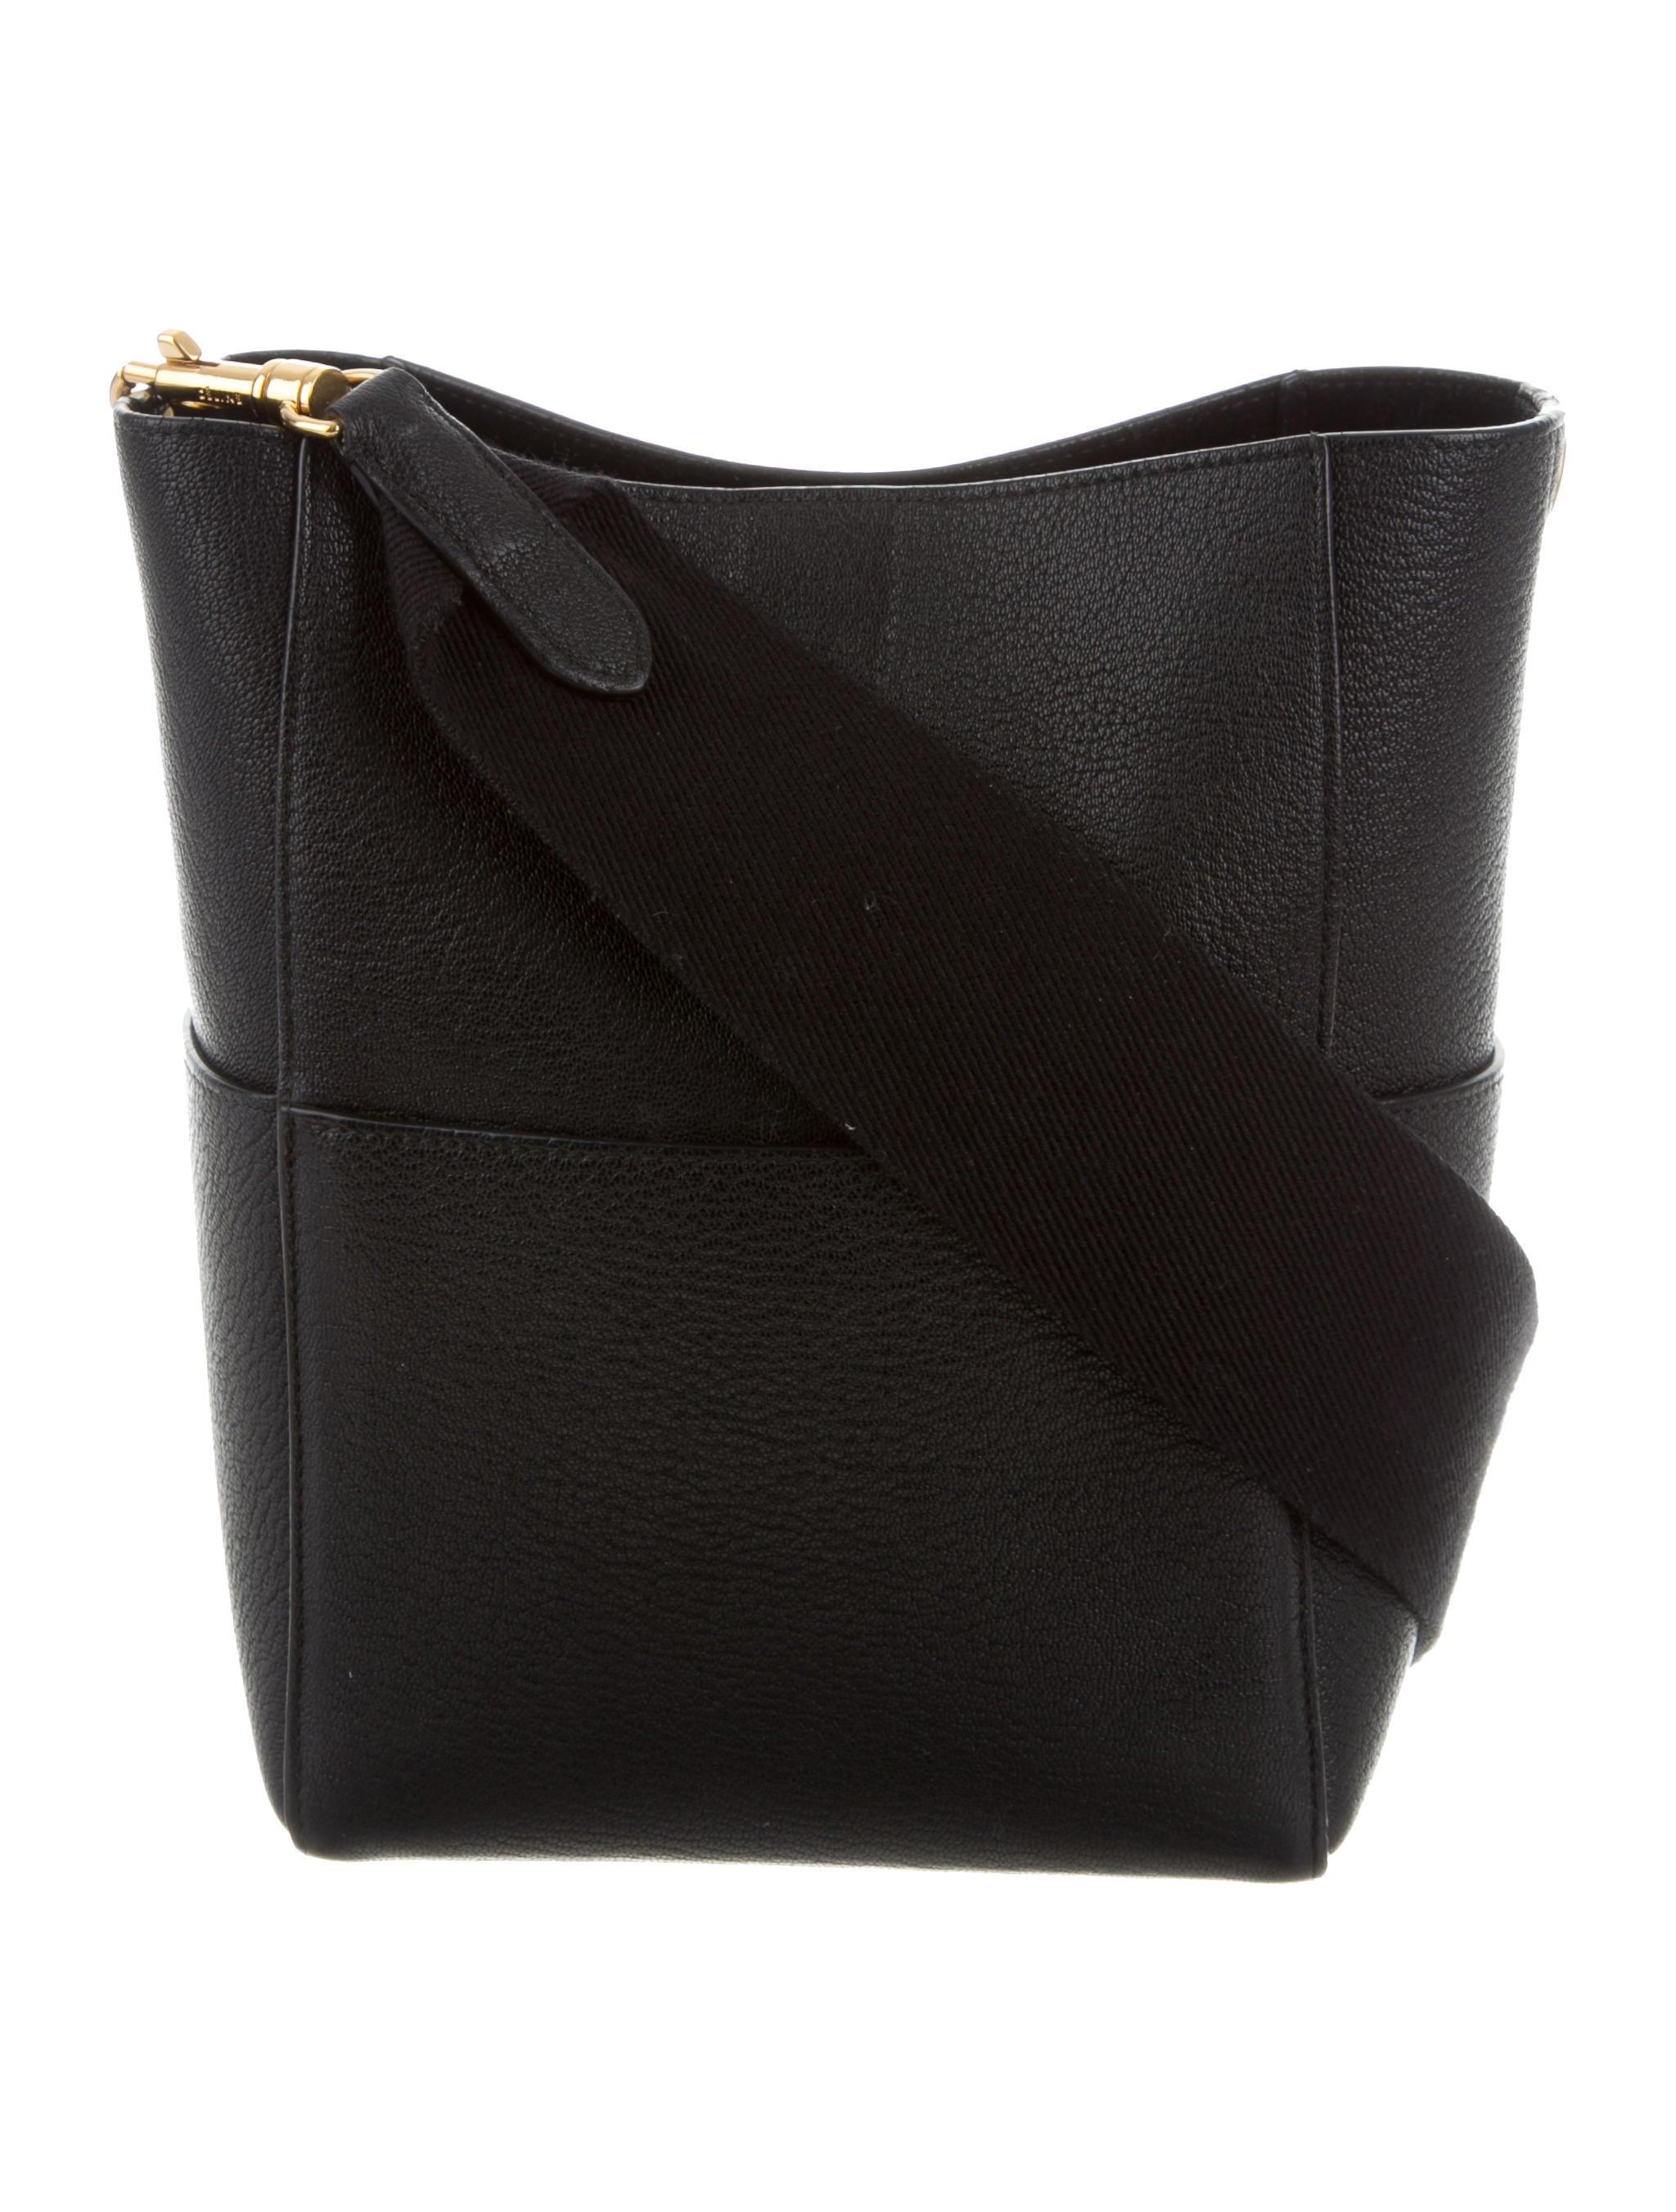 d8b9bd4f0f74 Celine Sangle Shoulder Bag Black | Stanford Center for Opportunity ...